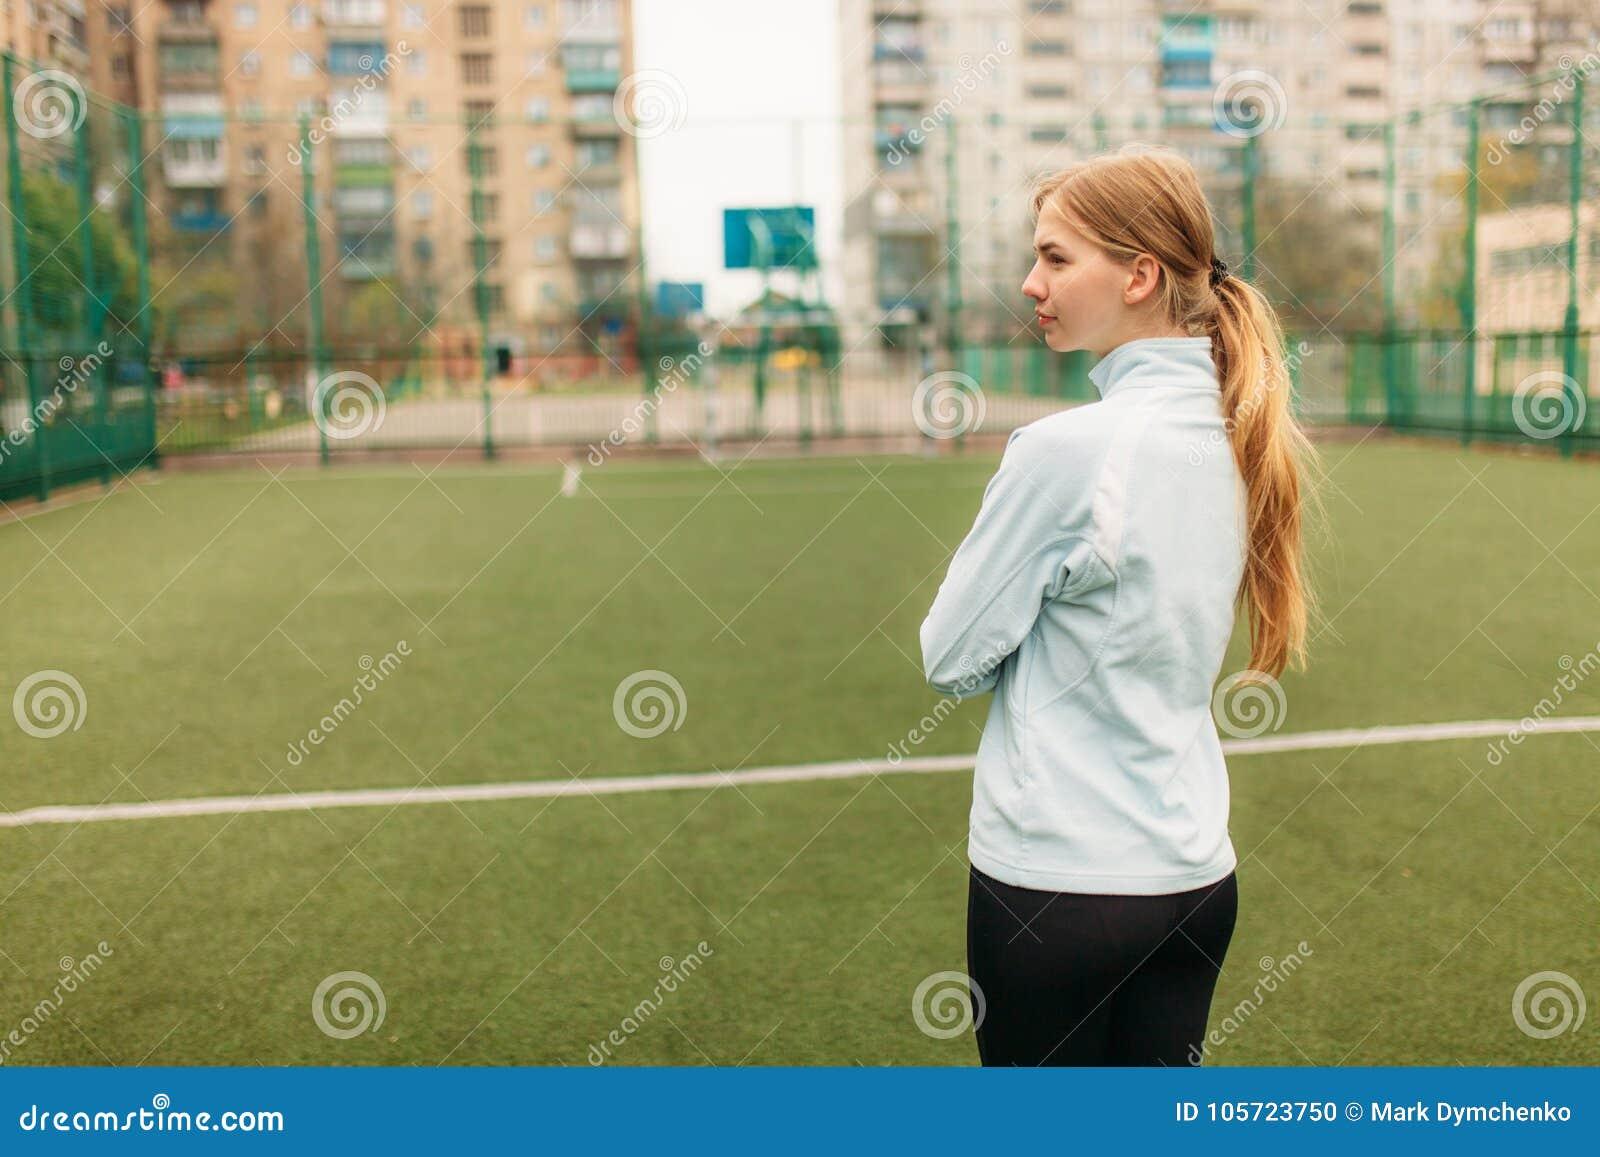 Ein junges Mädchen strebt herein Sport, Porträt, hübsches Mädchen in der Sportkleidung an Das Mädchen arbeitet in der offenen, Fr